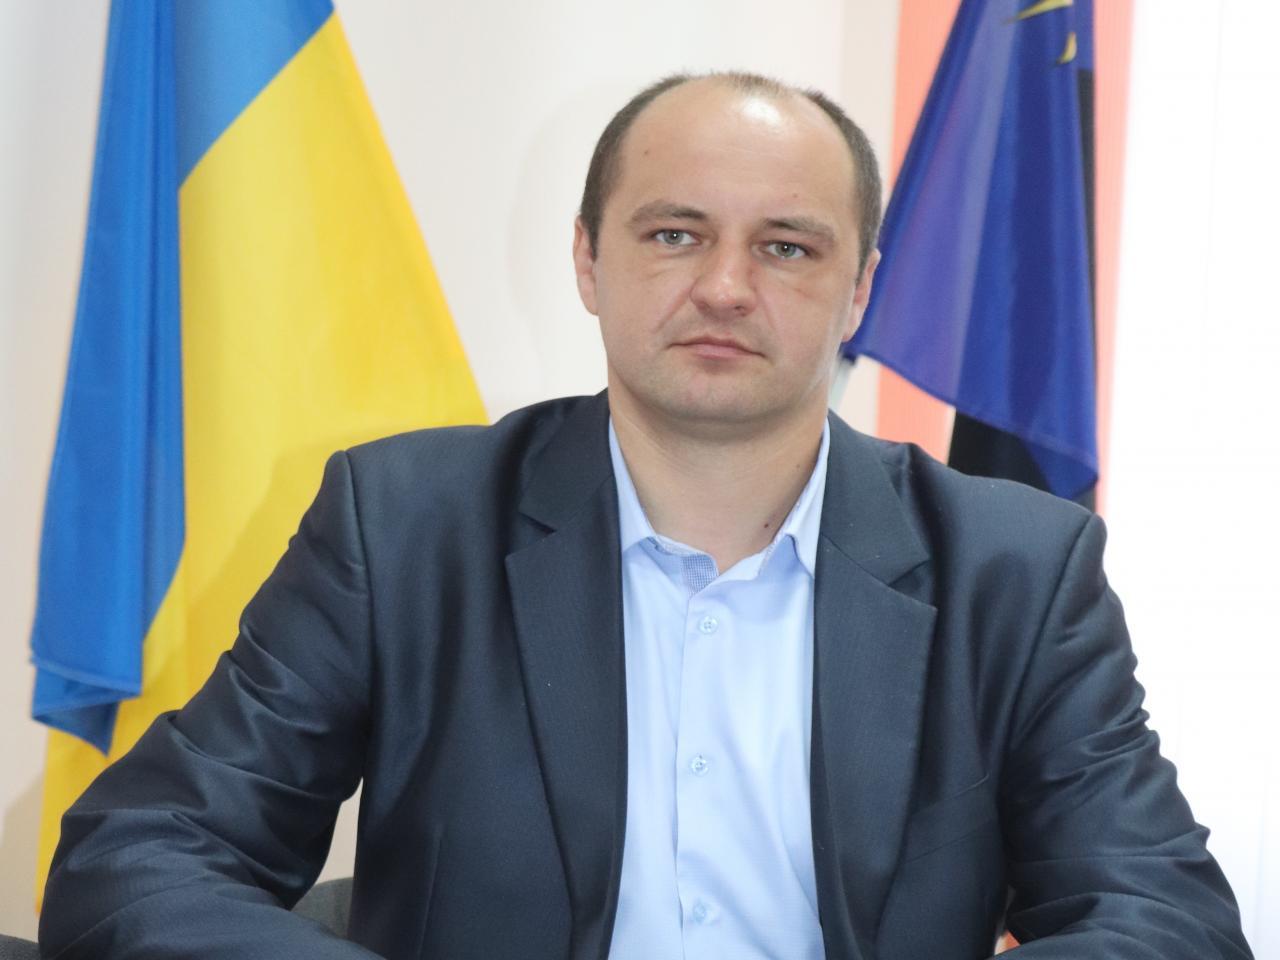 http://dunrada.gov.ua/uploadfile/archive_leadership/2020/03/04/2020-03-04_9830/images/images-68457.jpg